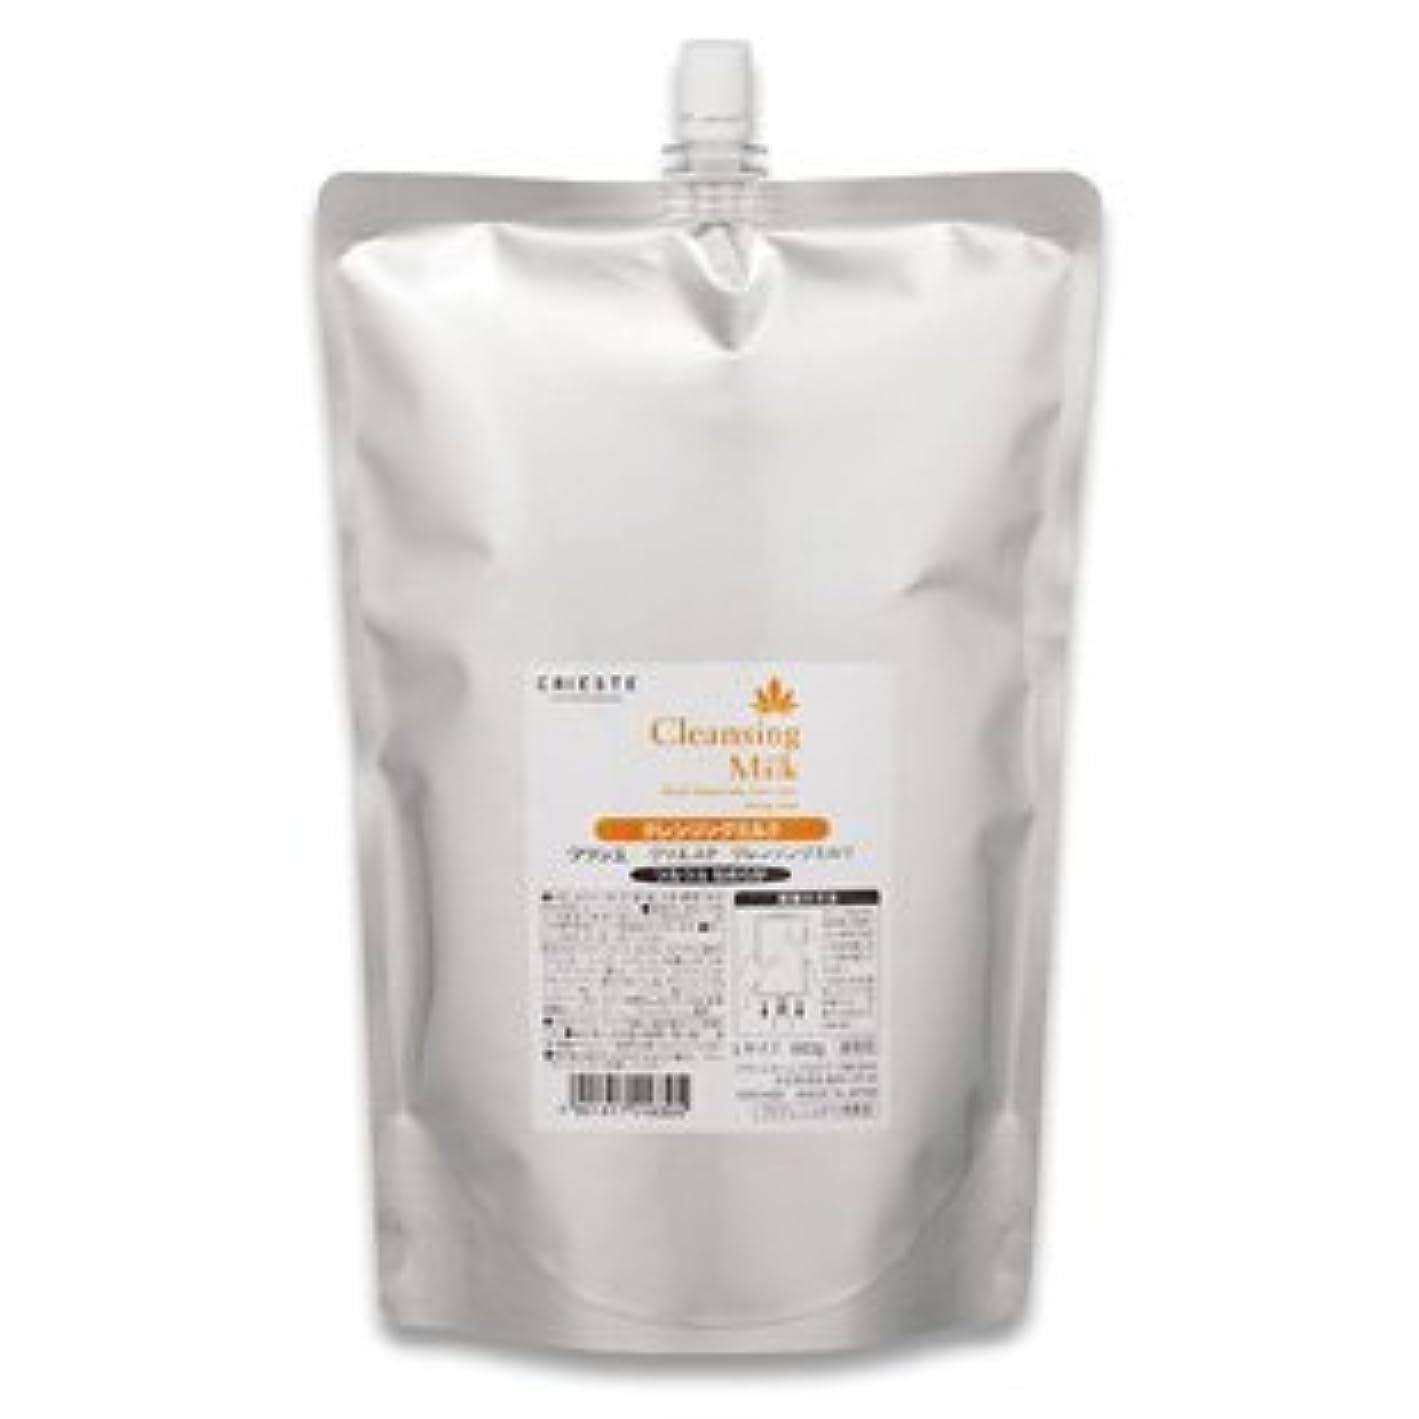 垂直アプト訴えるクラシエ クリエステ クレンジングミルク 900g×2 【詰替サイズ】